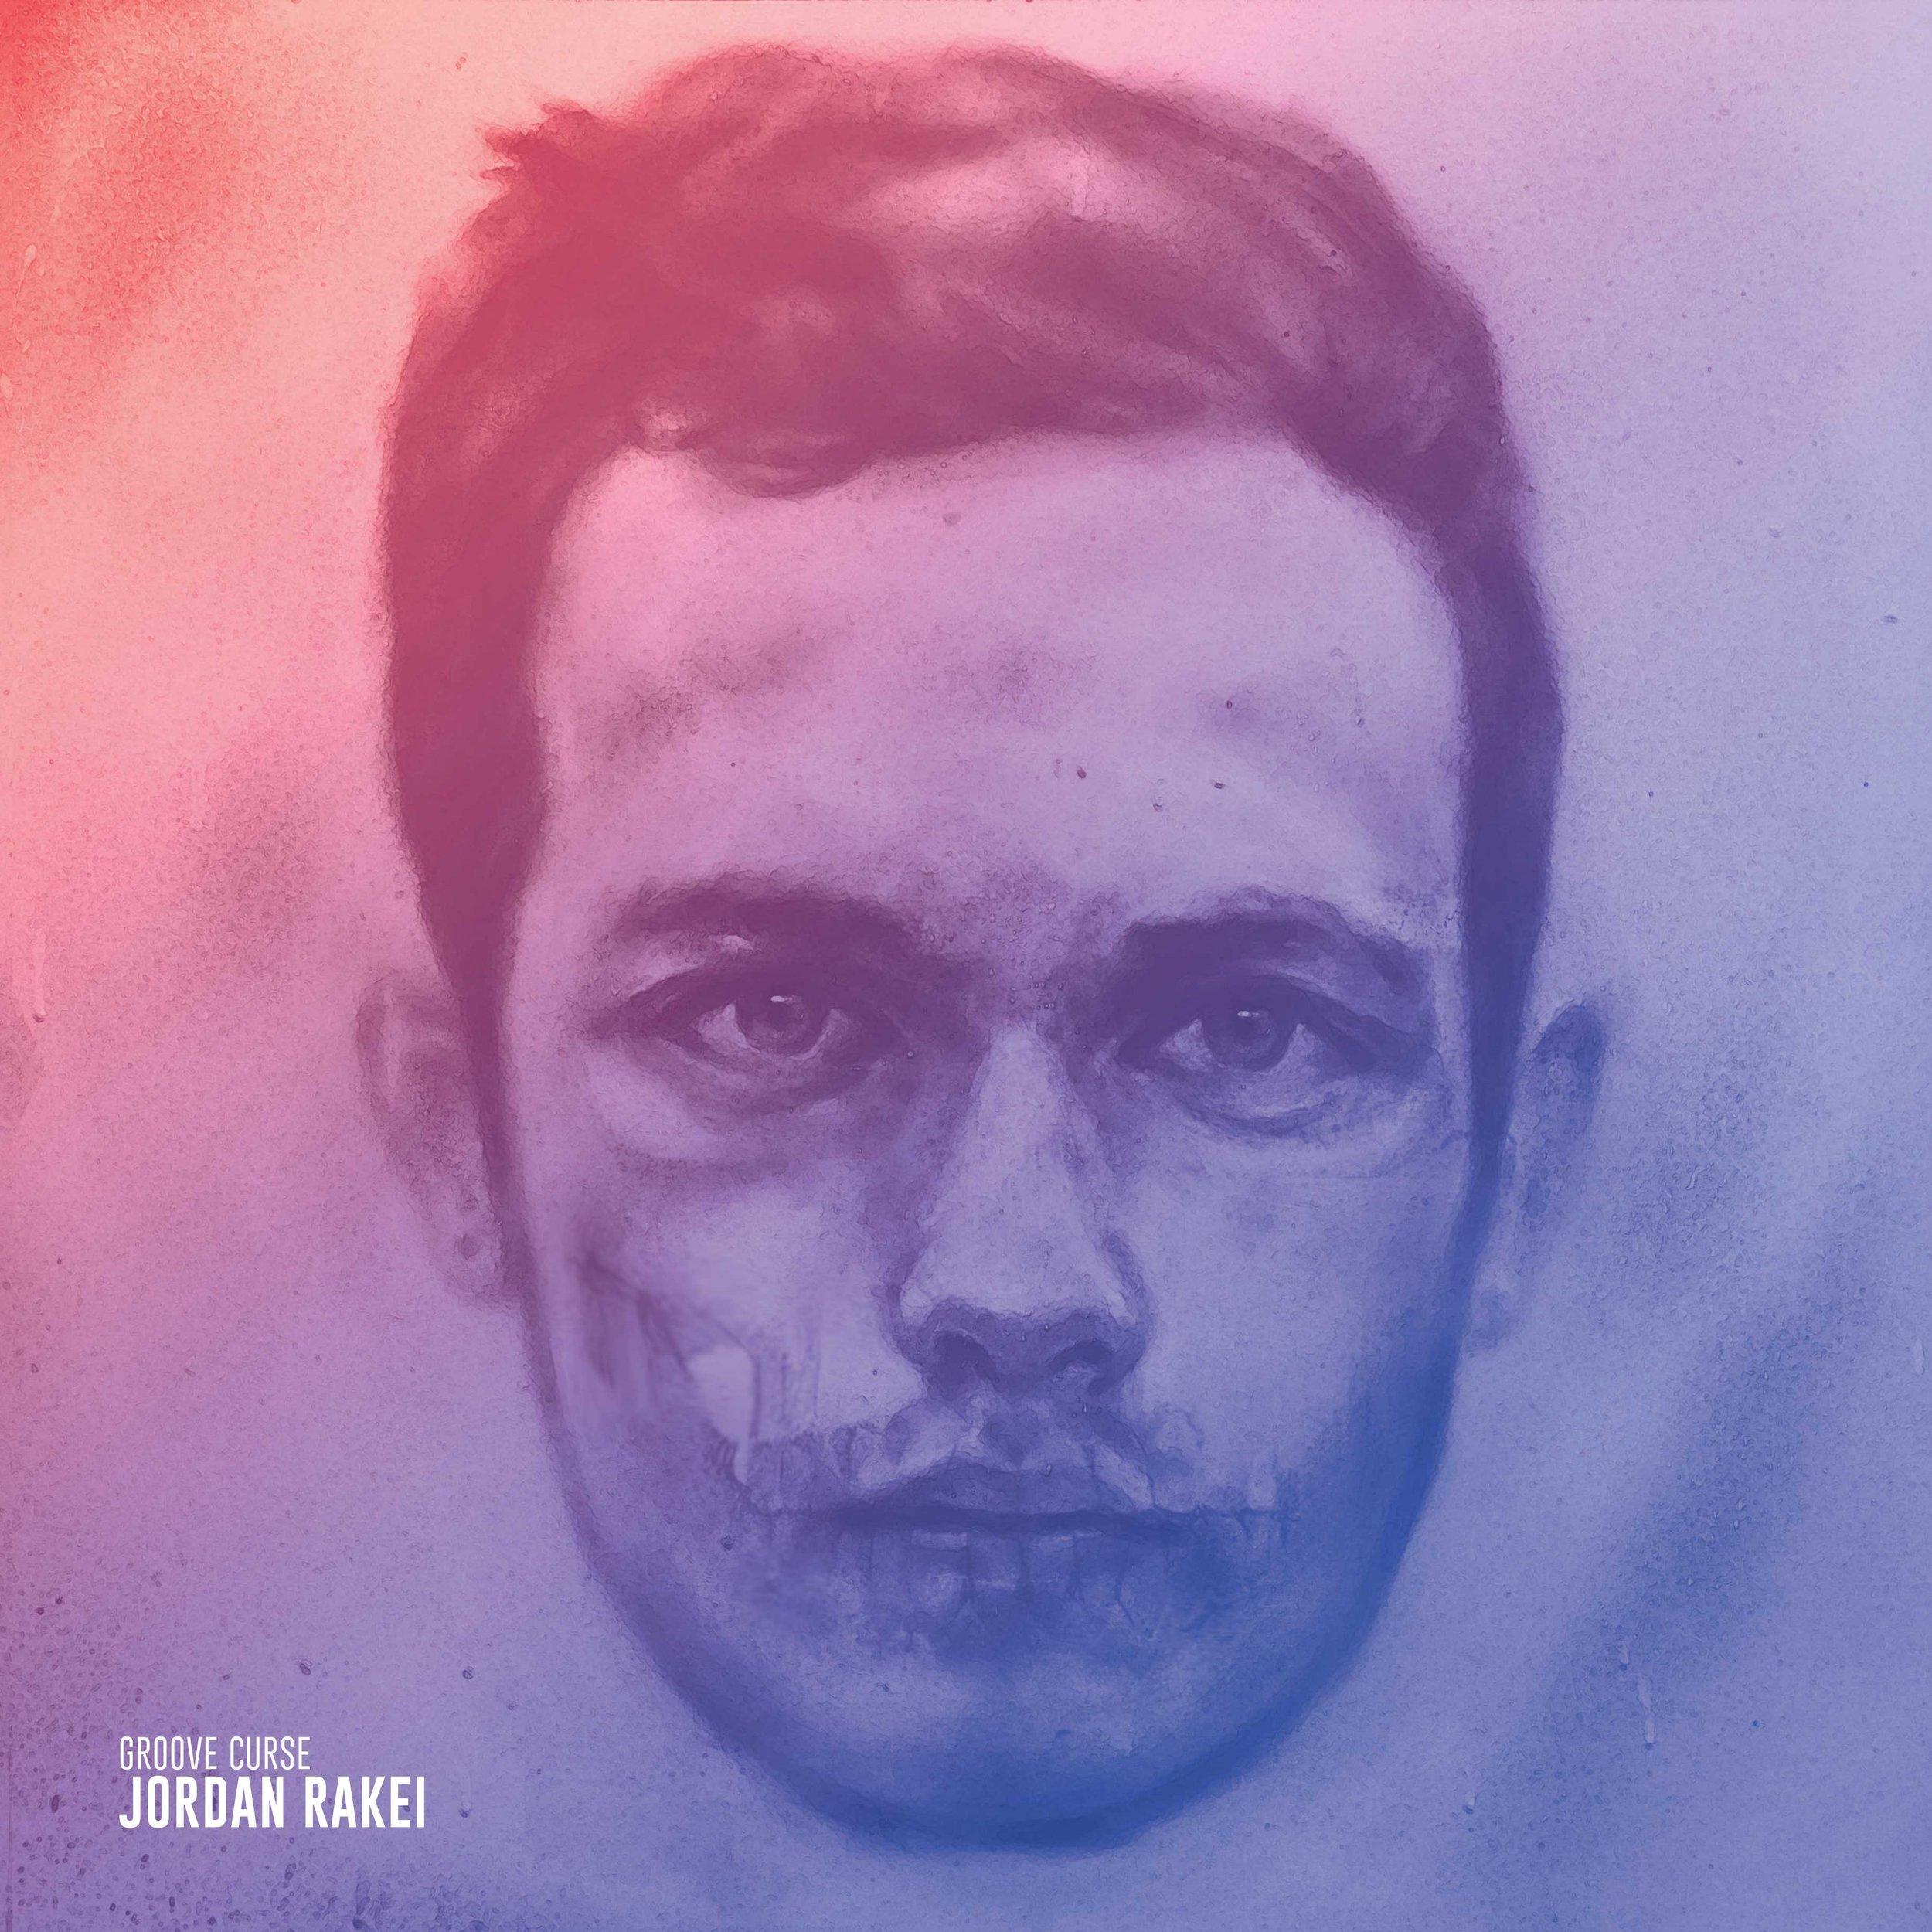 Groove Curse EP Jordan Rakei